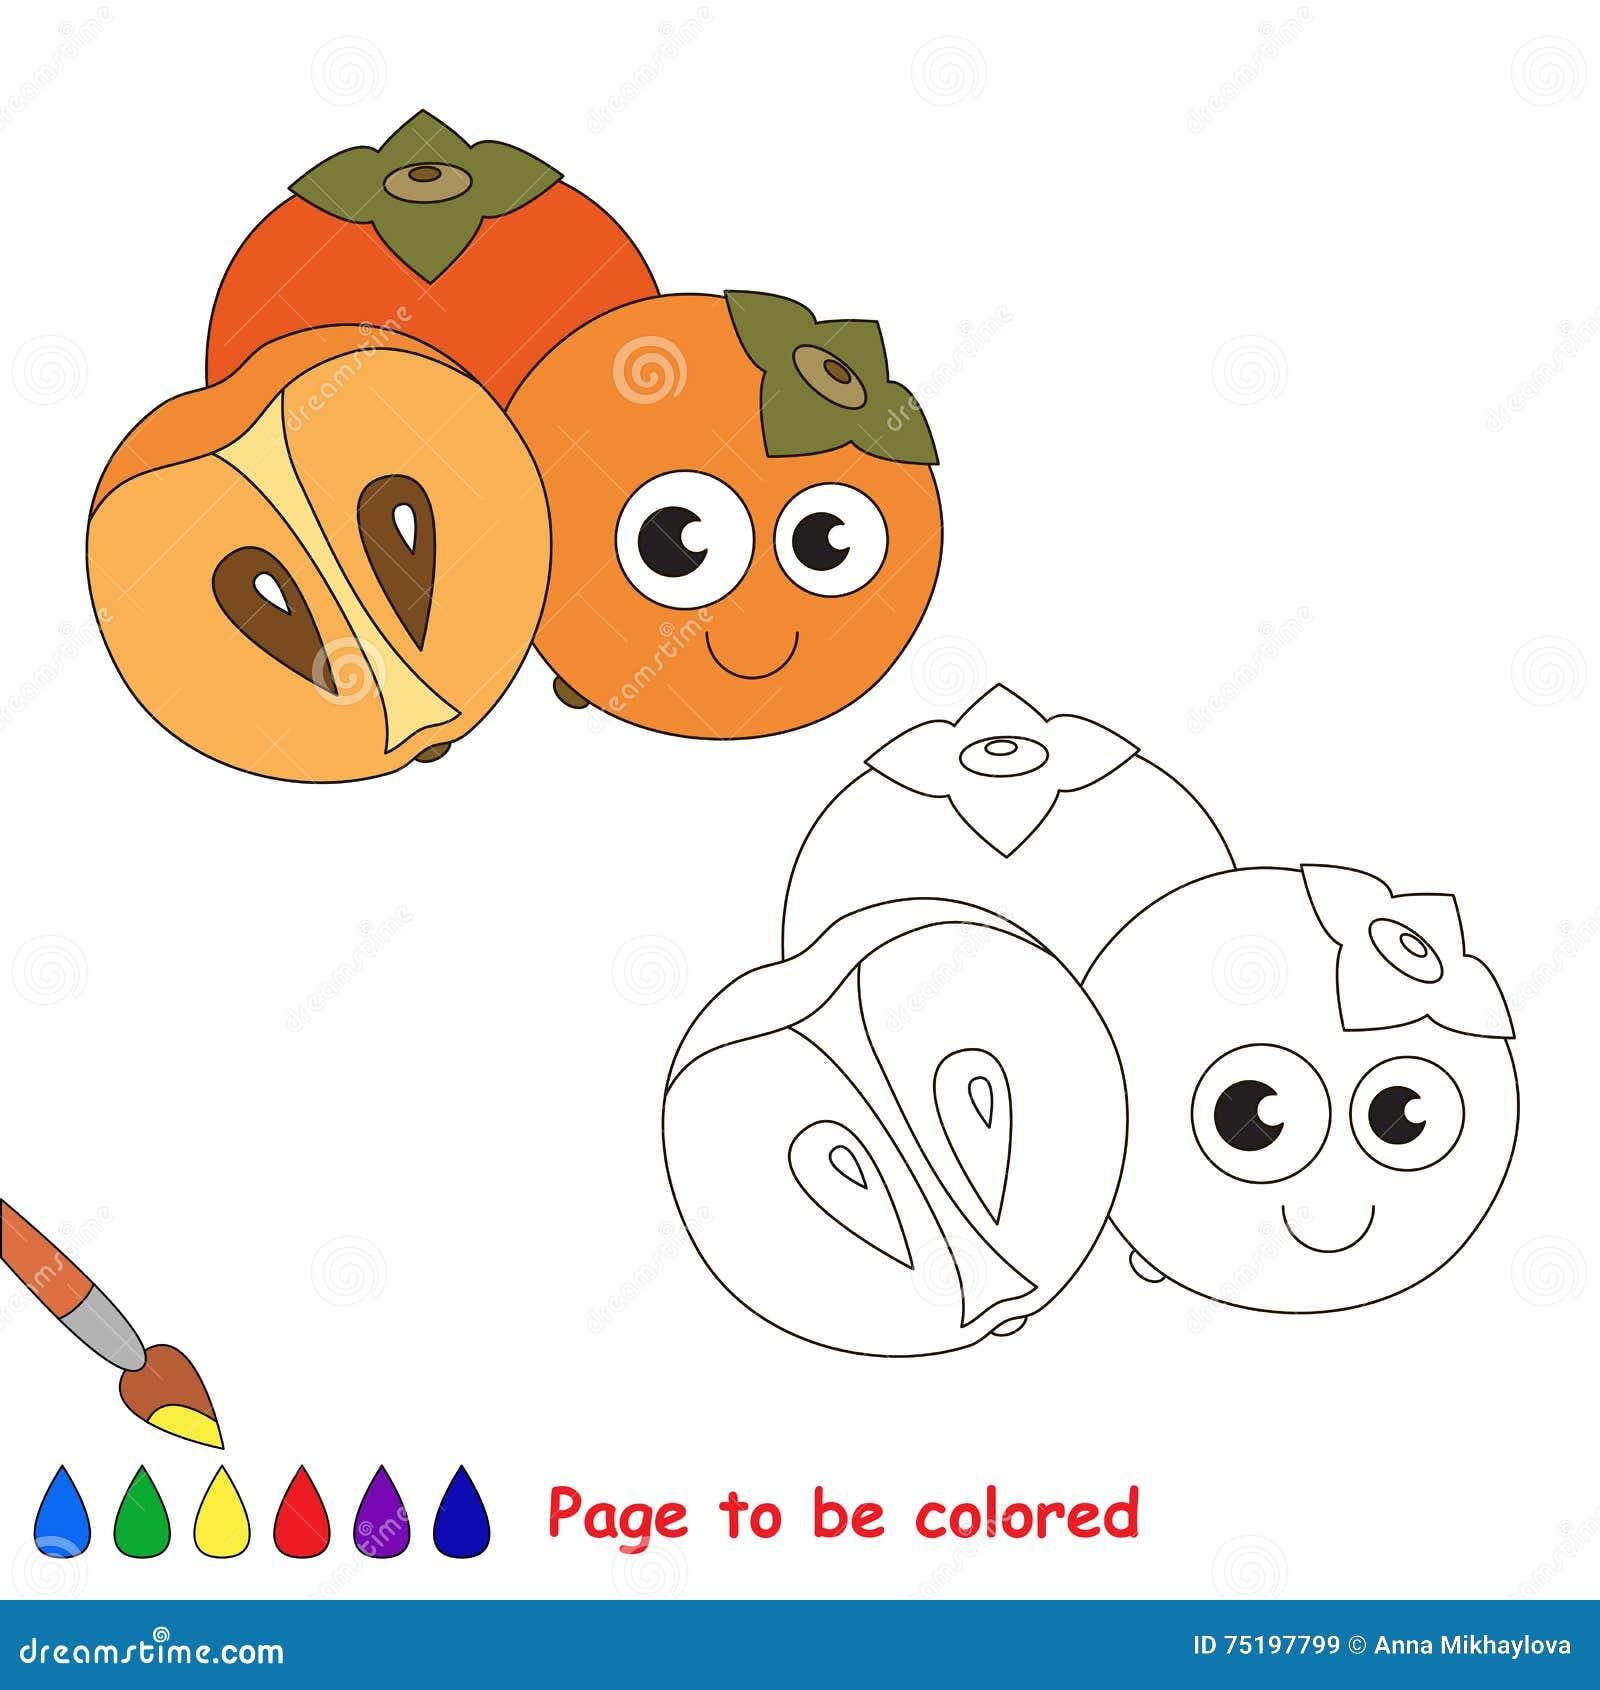 Coloriage Fruit Kaki.Bande Dessinee Douce De Kaki Page A Colorer Illustration De Vecteur